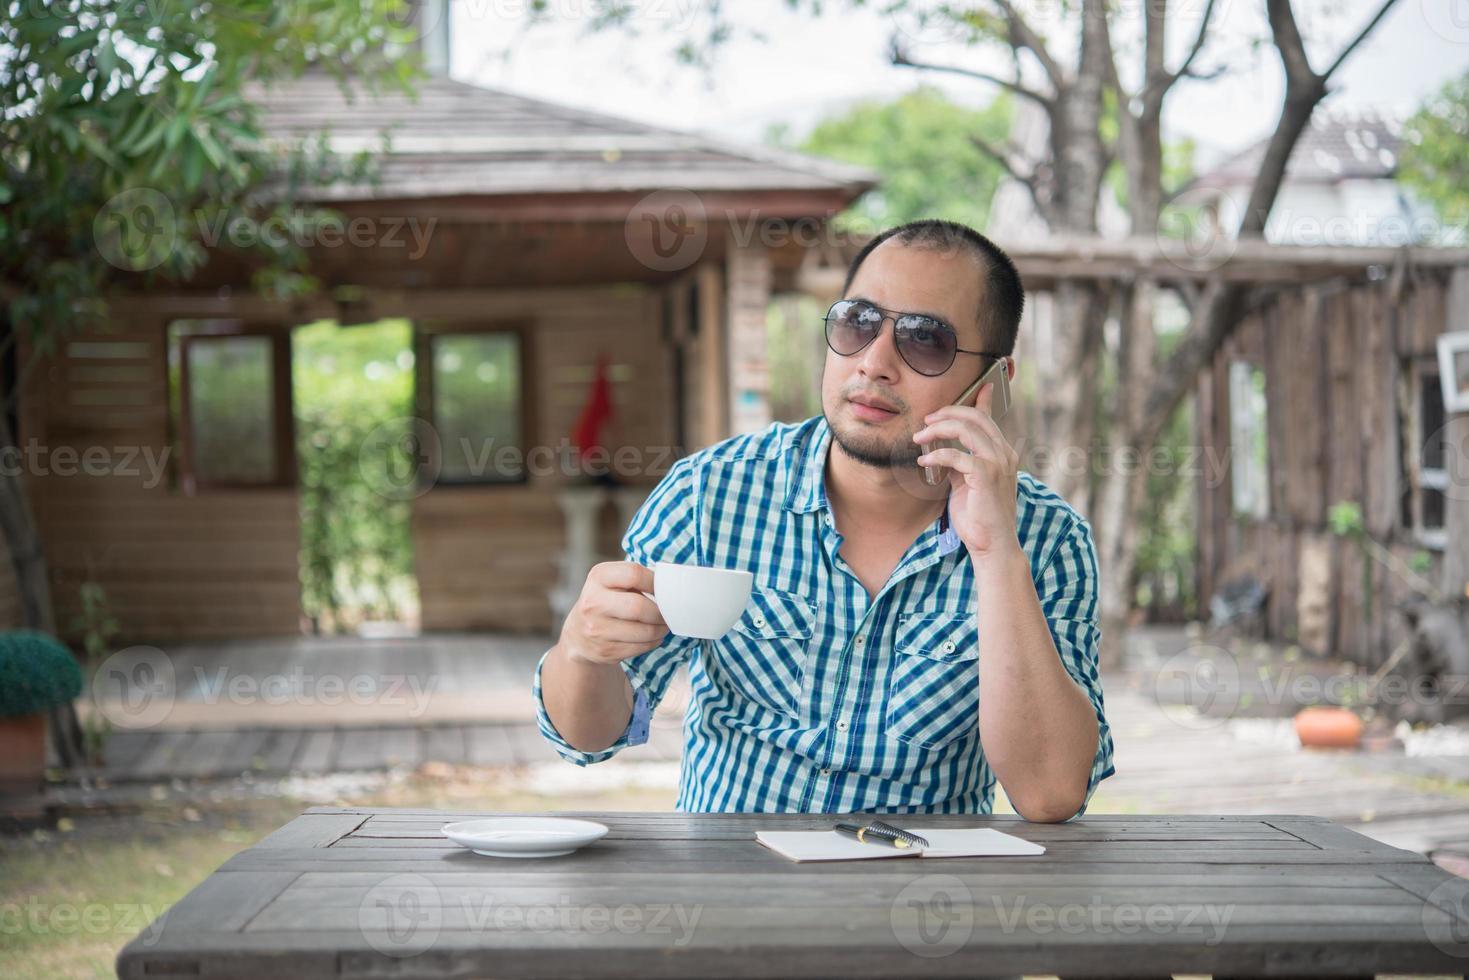 jeune homme d'affaires à l'aide de smartphone tout en travaillant dans le jardin potager photo